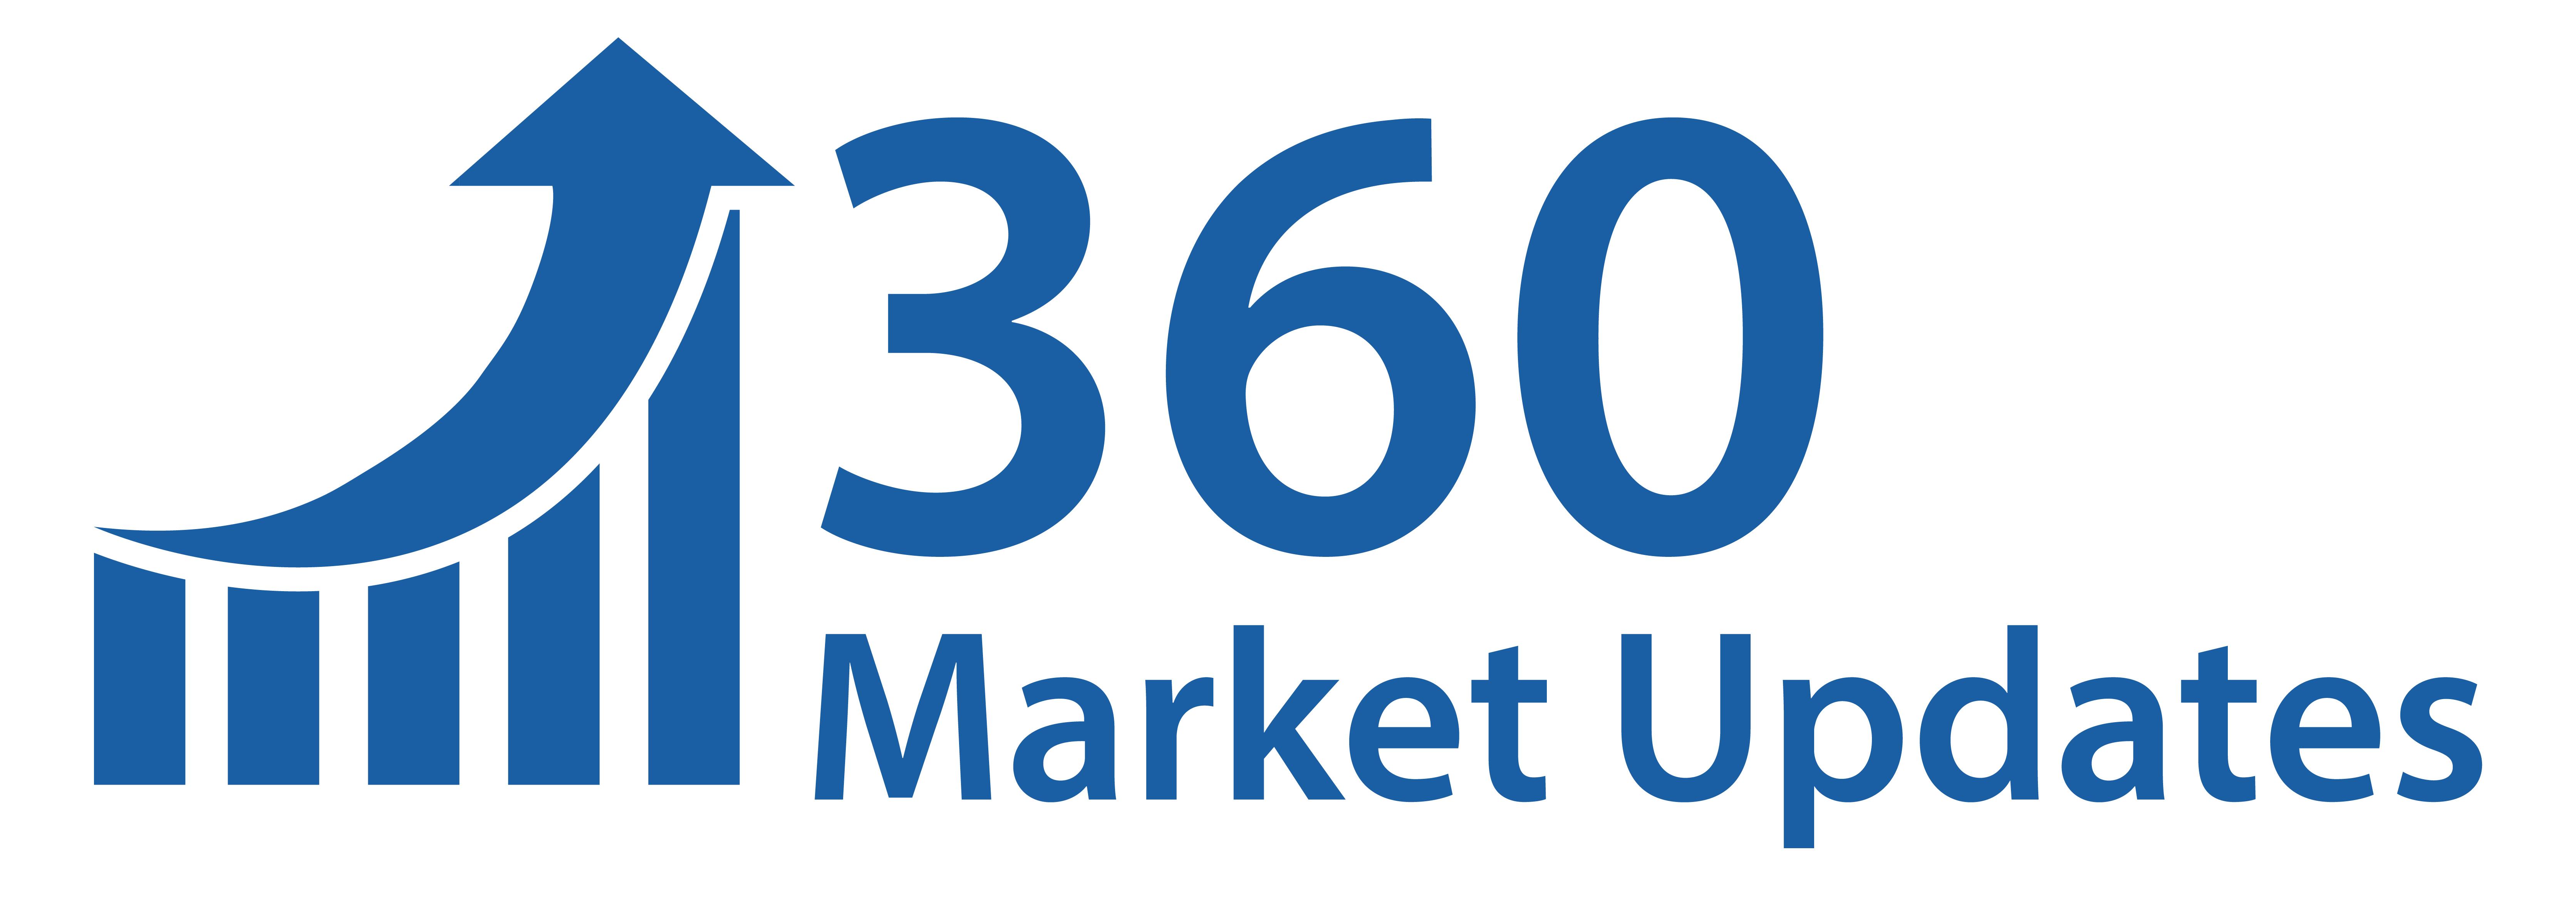 Mercado de la batería de teléfono móvil 2019 Tamaño de la industria, Tendencias futuras, Factores clave de crecimiento, Demanda, Acciones de negocio, Ventas & Income, Jugadores de fabricación, Aplicación, Alcance, y Análisis de Oportunidades por Outlook – 2025